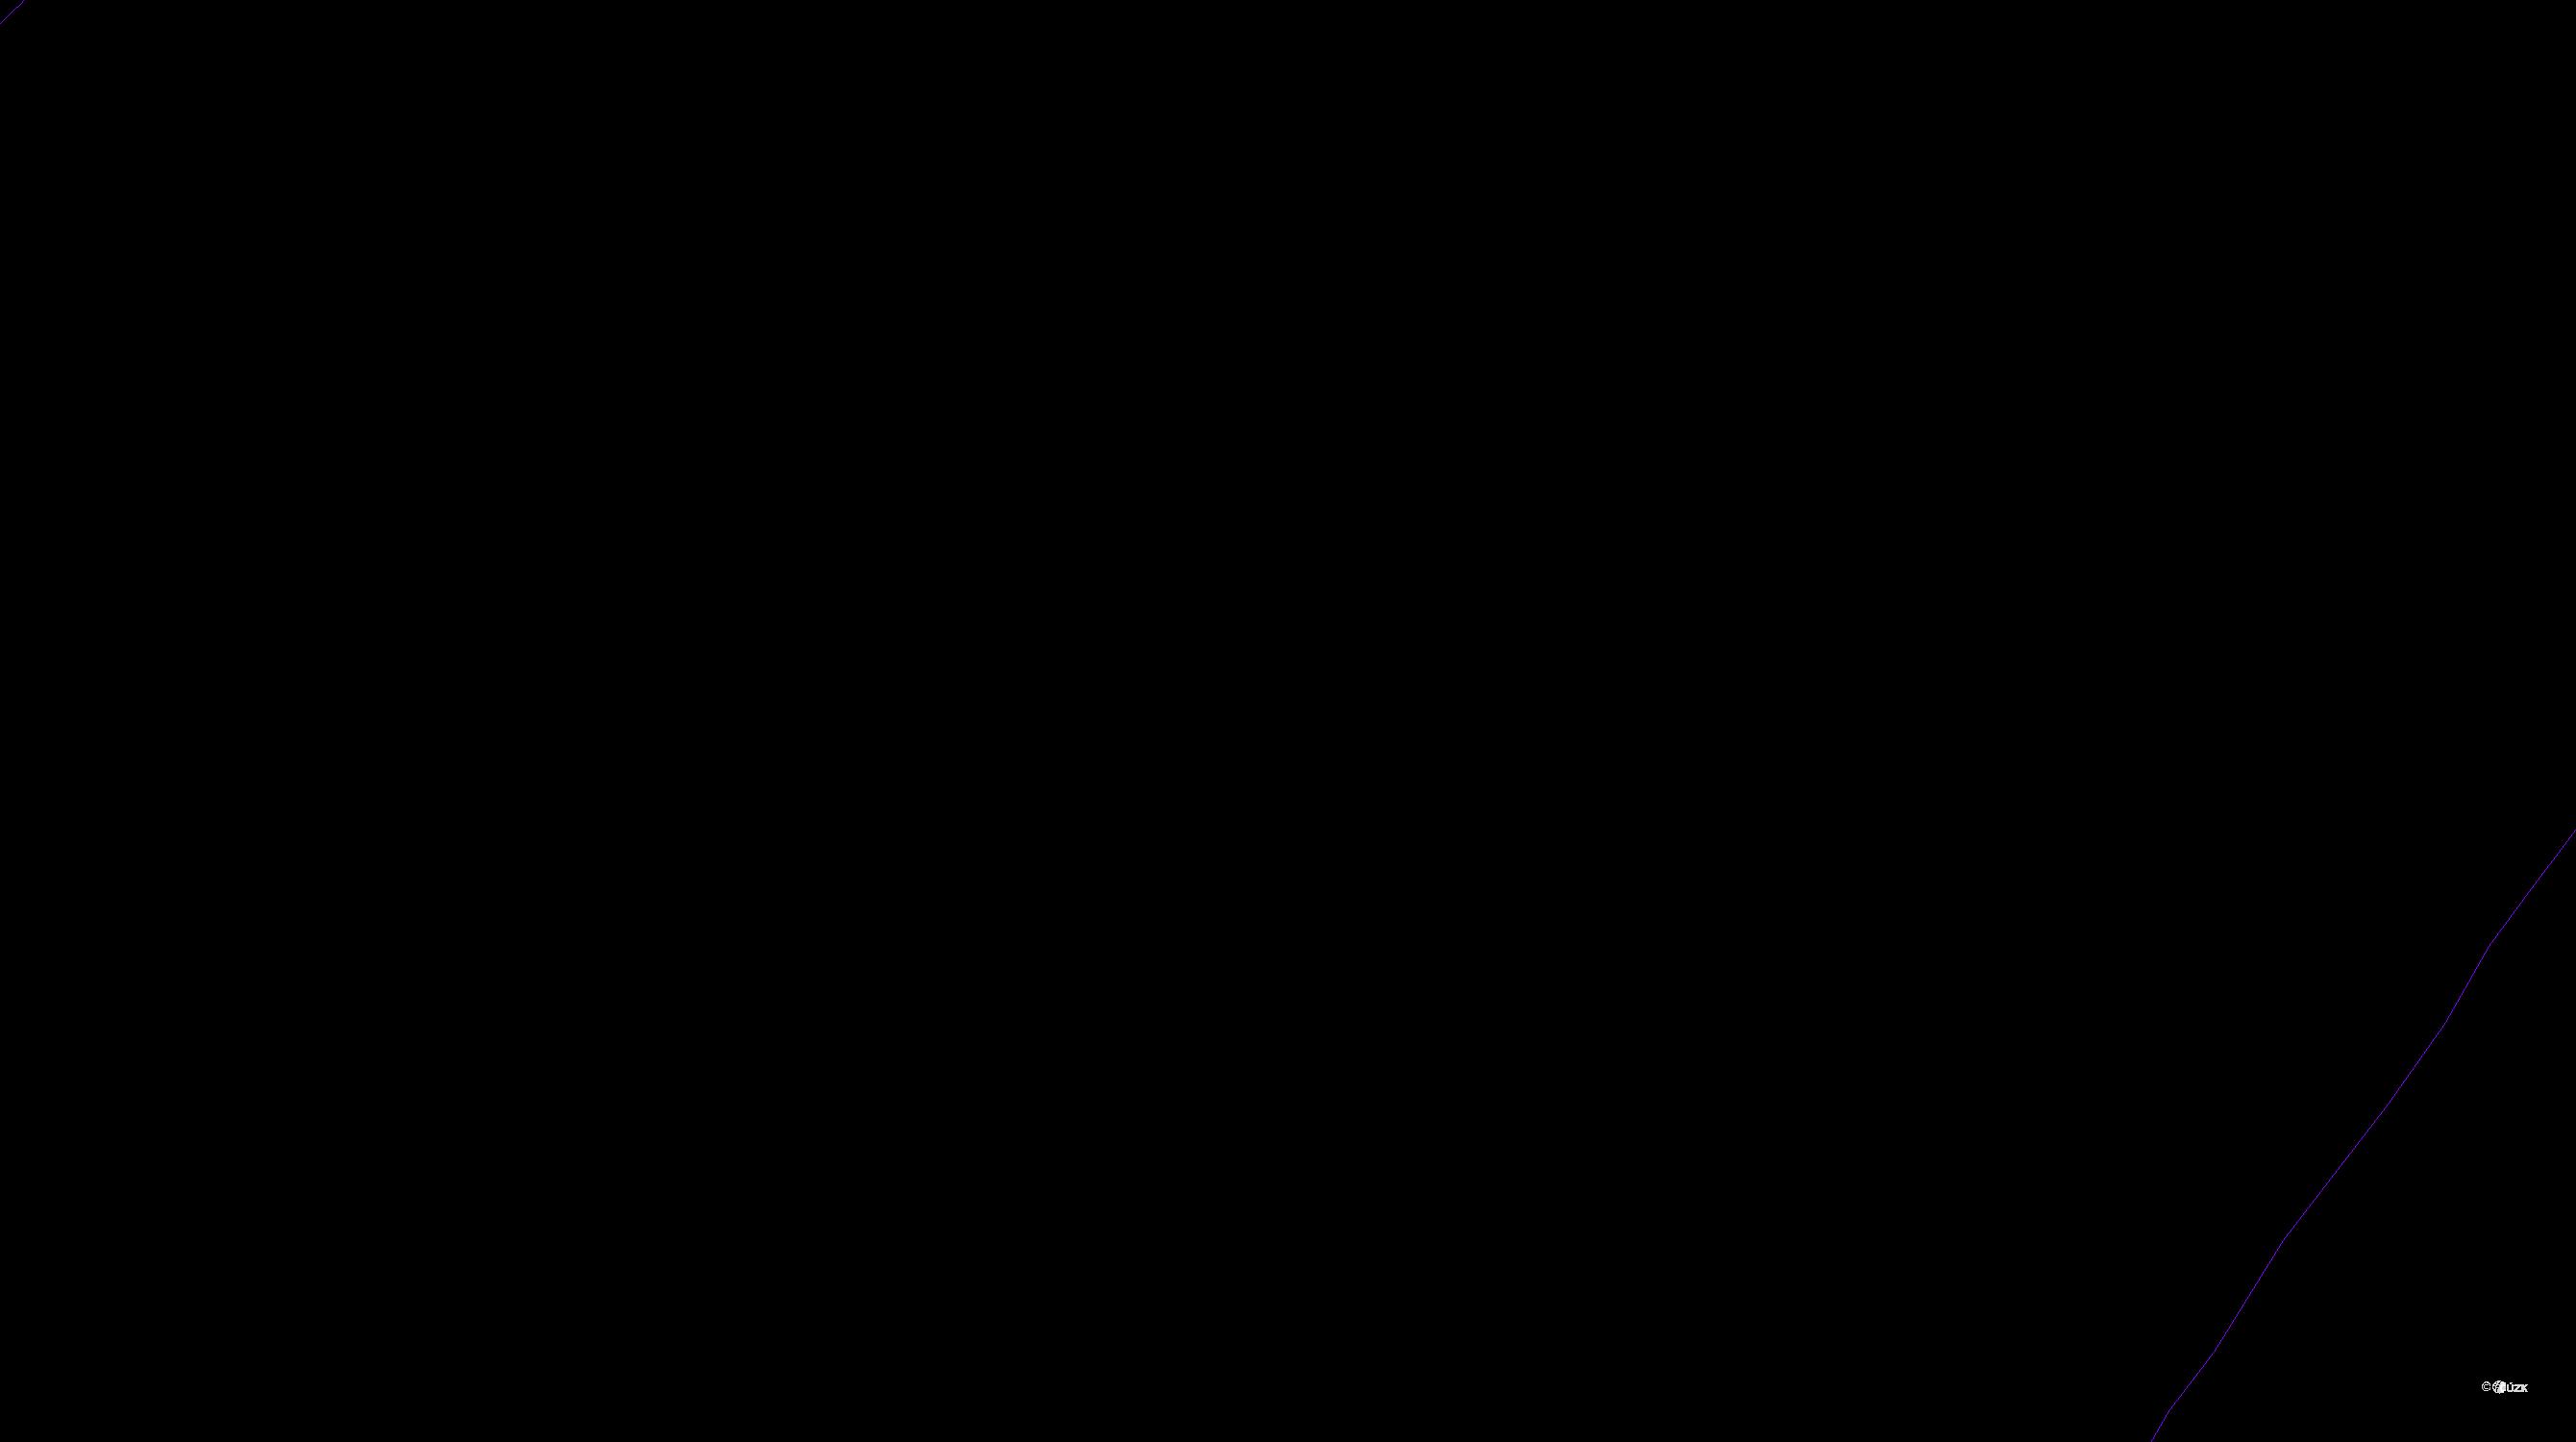 Katastrální mapa pozemků a čísla parcel Edrovice